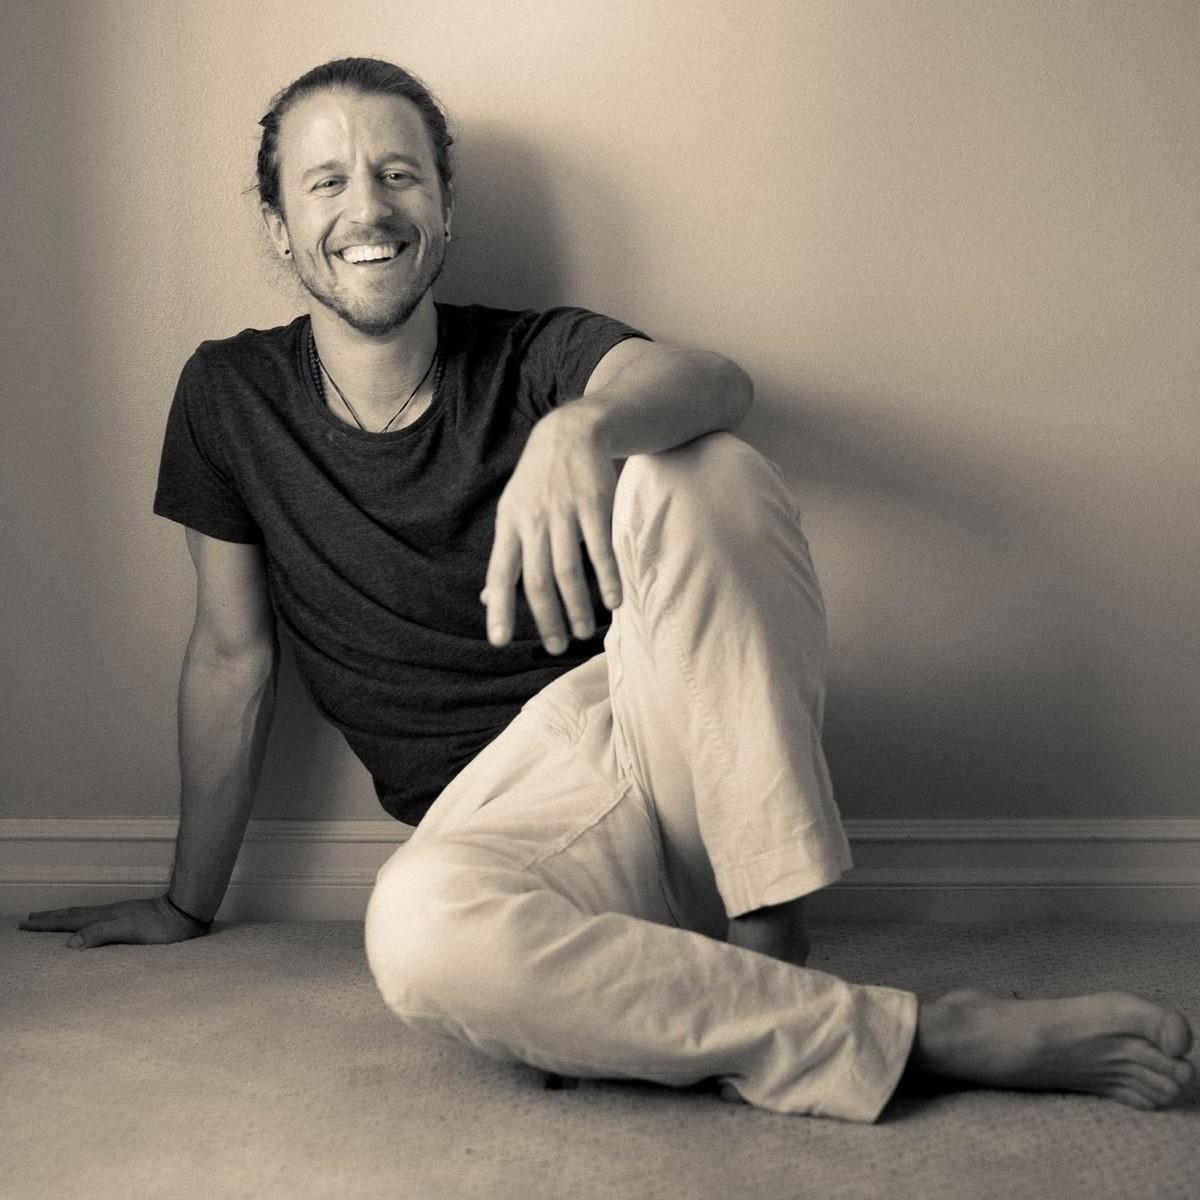 Dr. Jeremy Goldberg